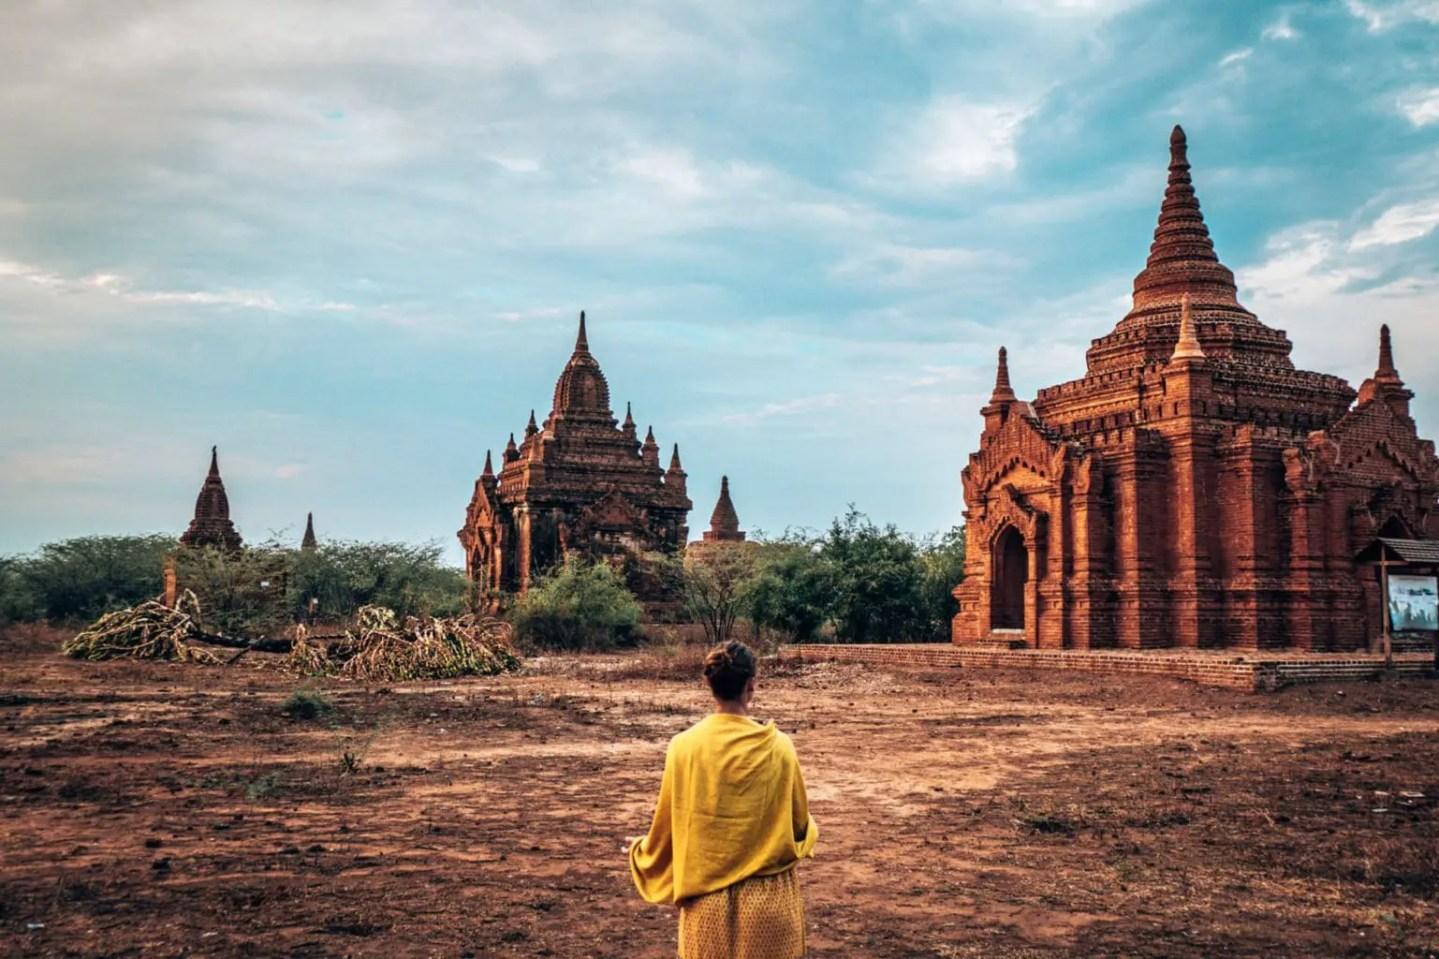 Lee at temples in Bagan